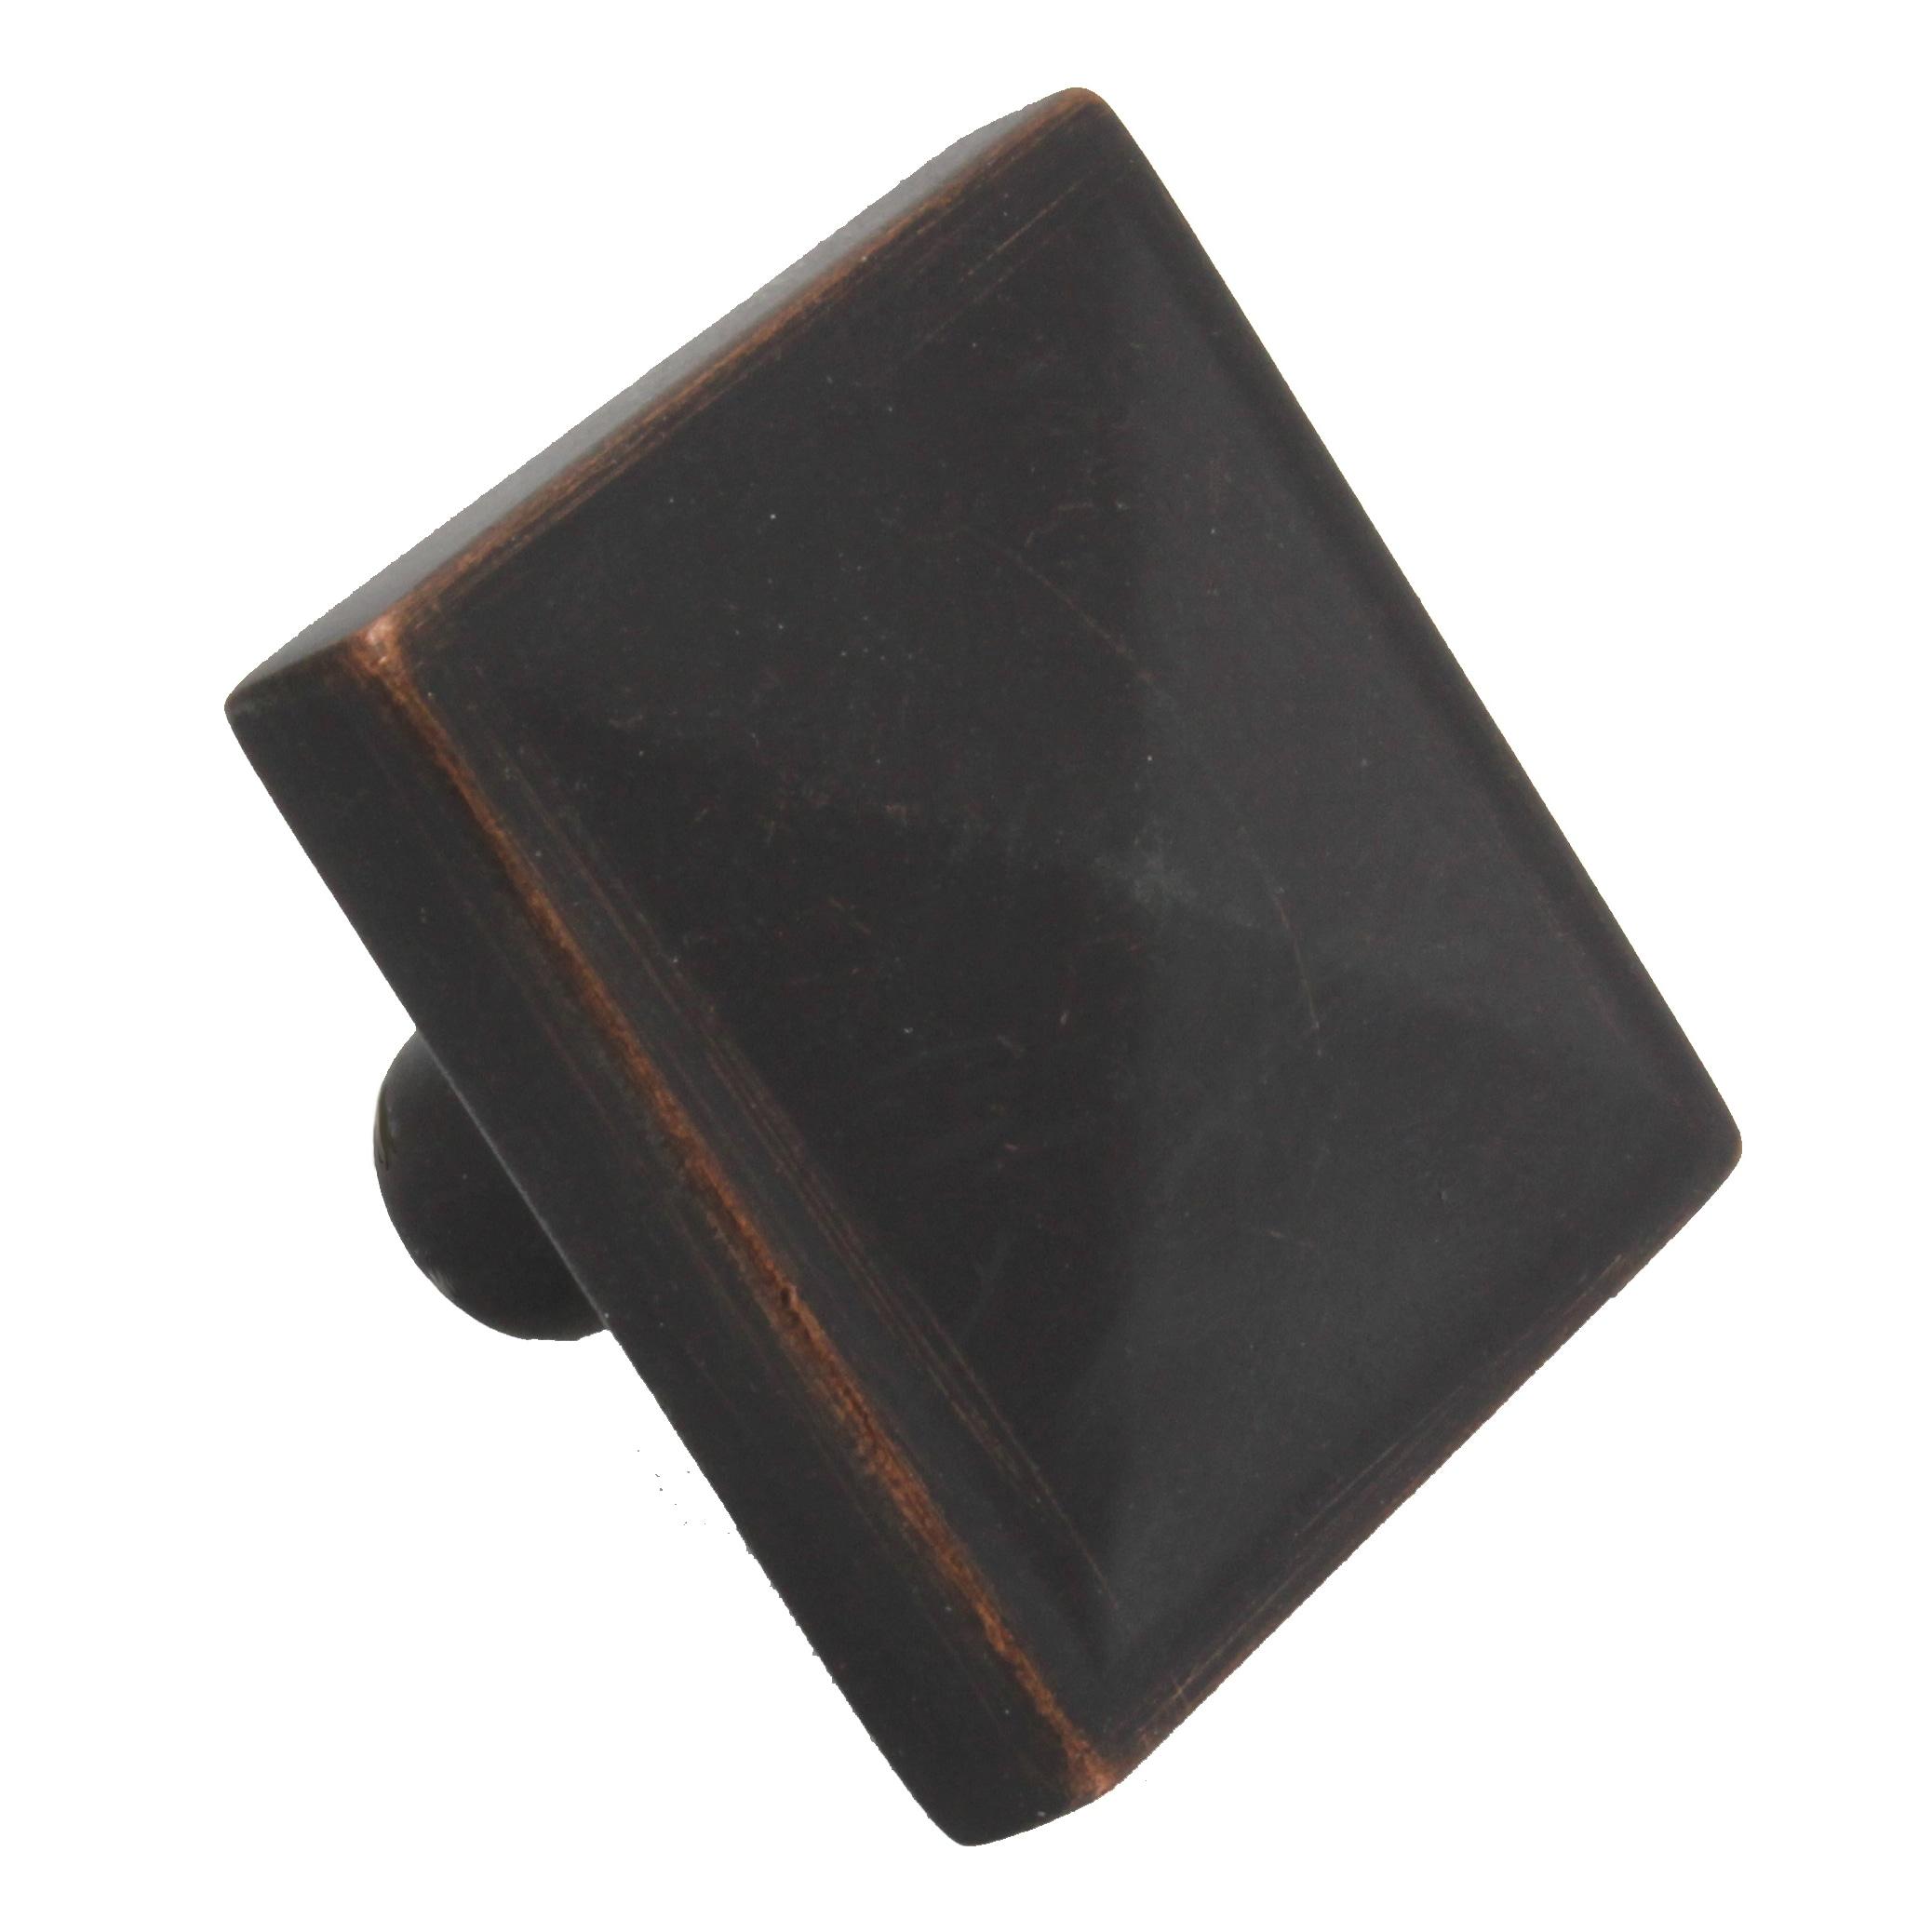 GlideRite 1.125-inch Oil-rubbed Bronze Classic Square Pyr...